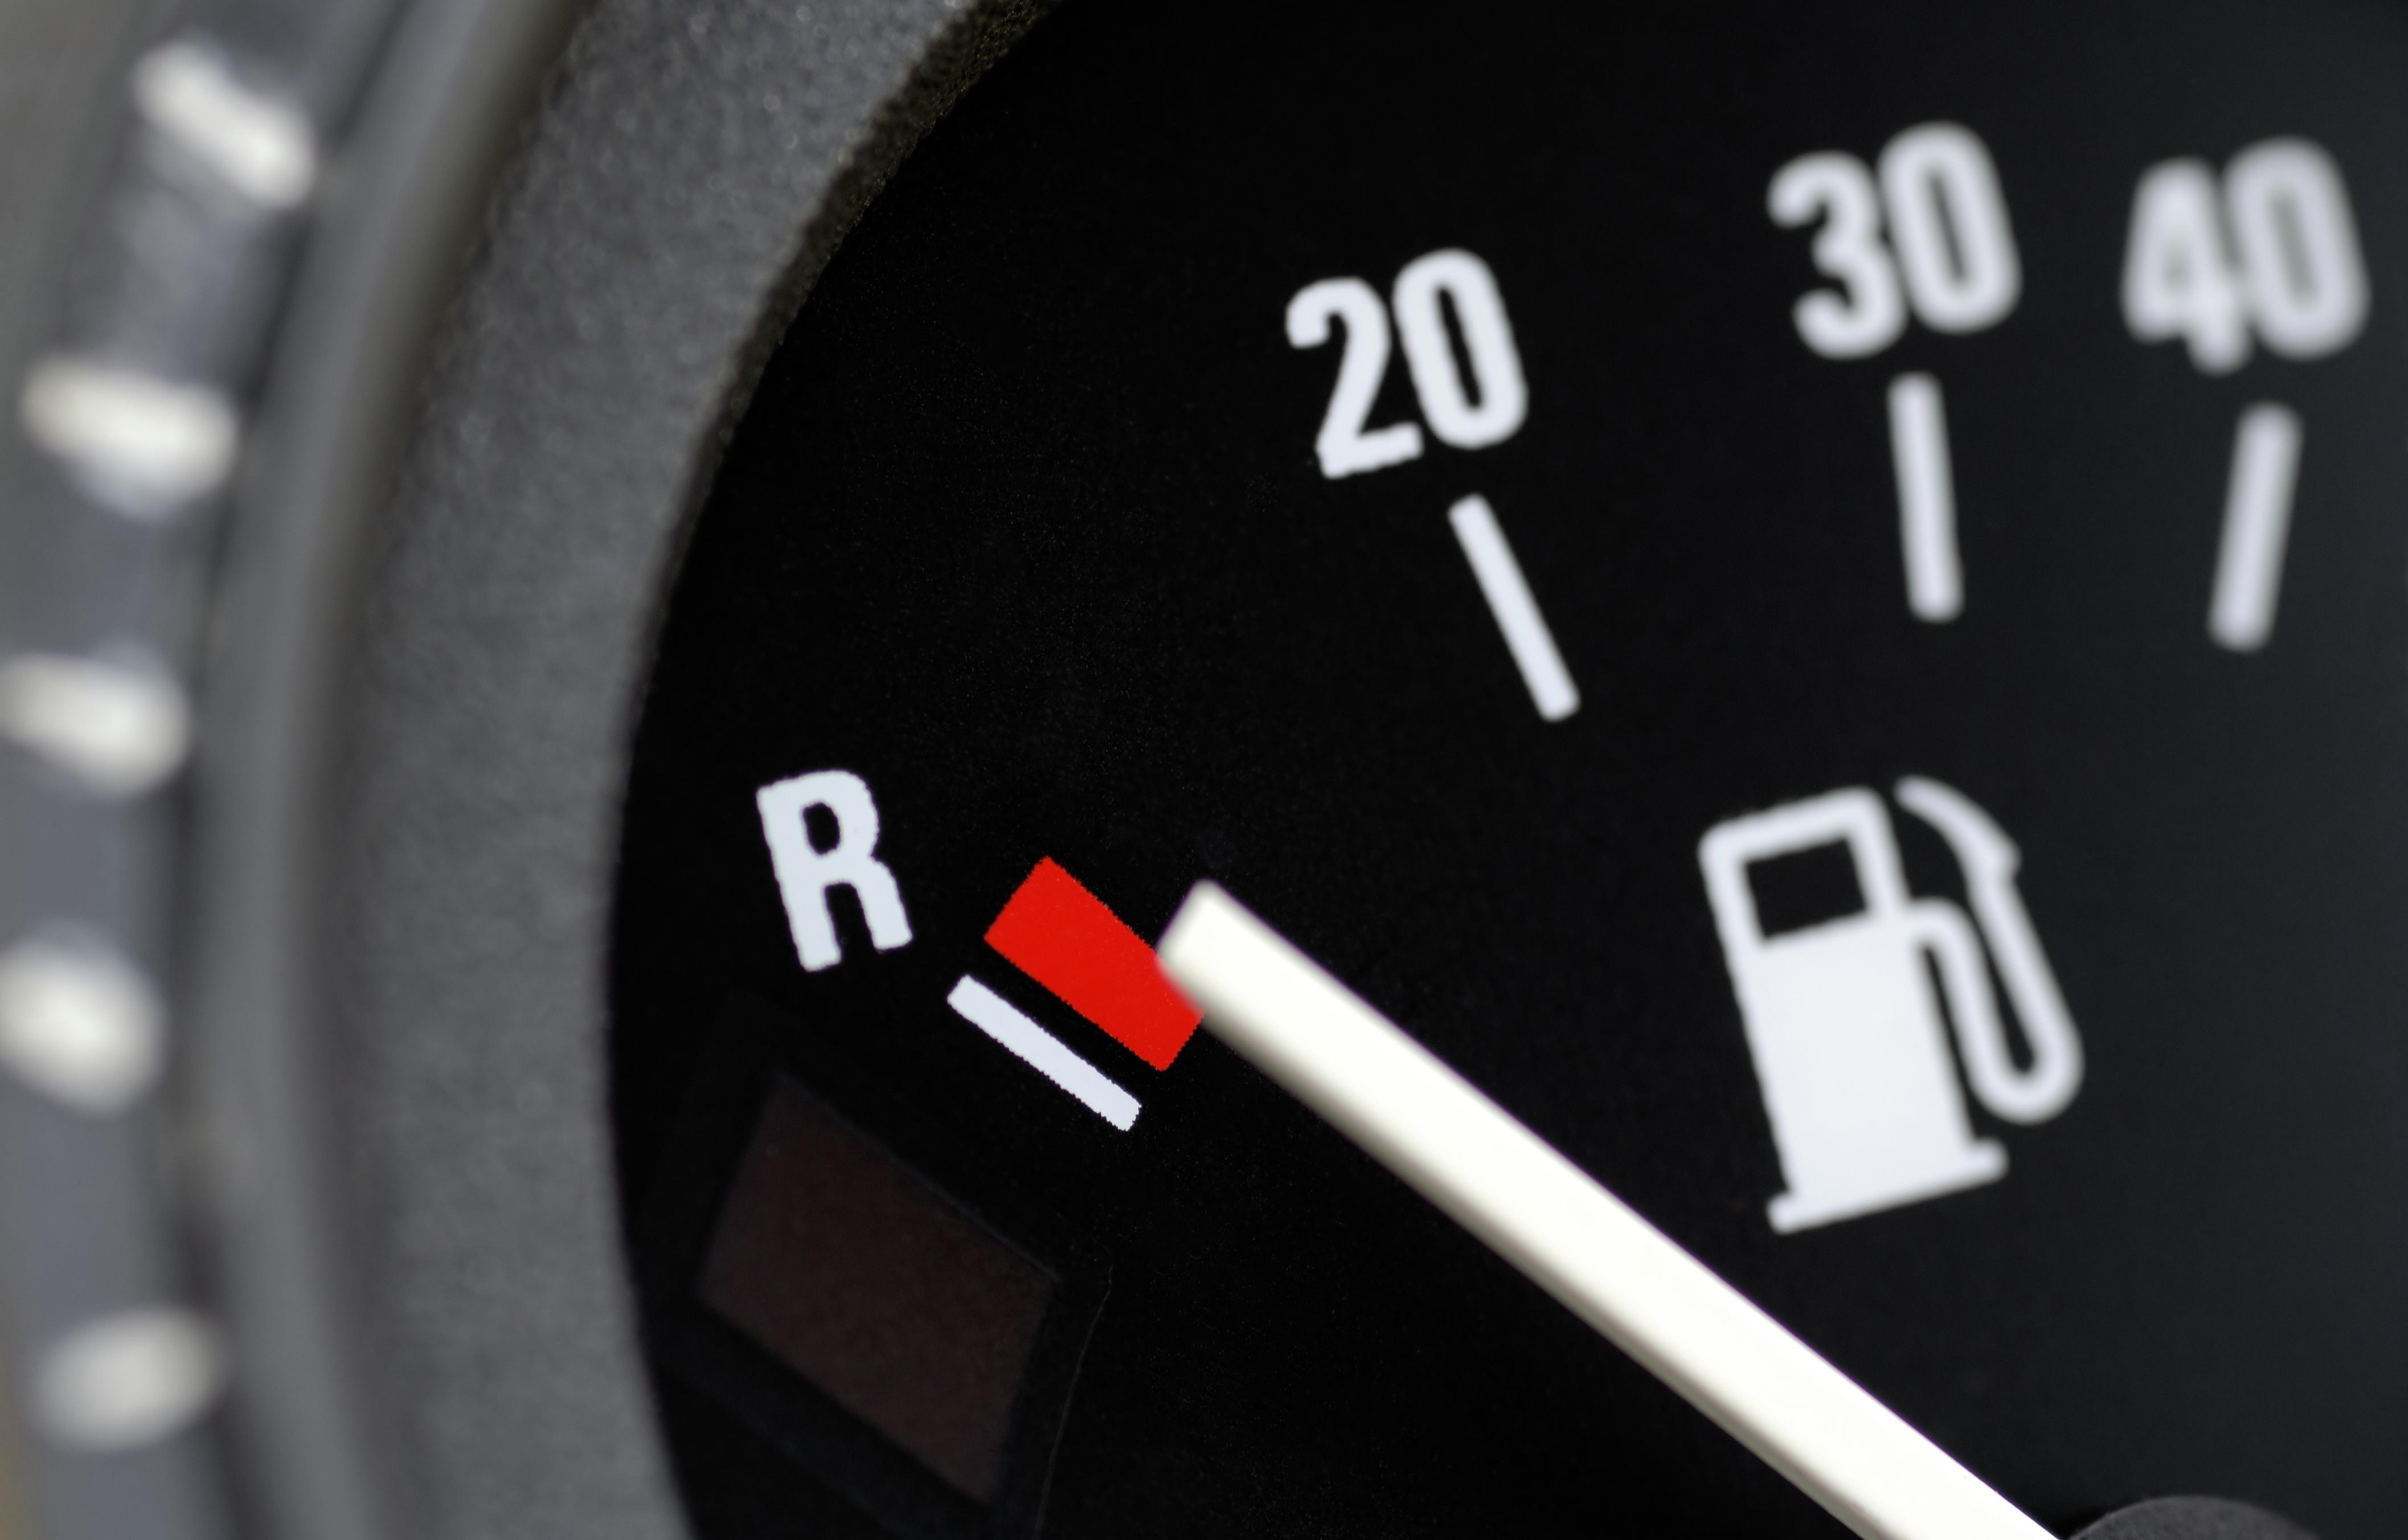 Conducir con el depósito en reserva de combustible y sus problemas